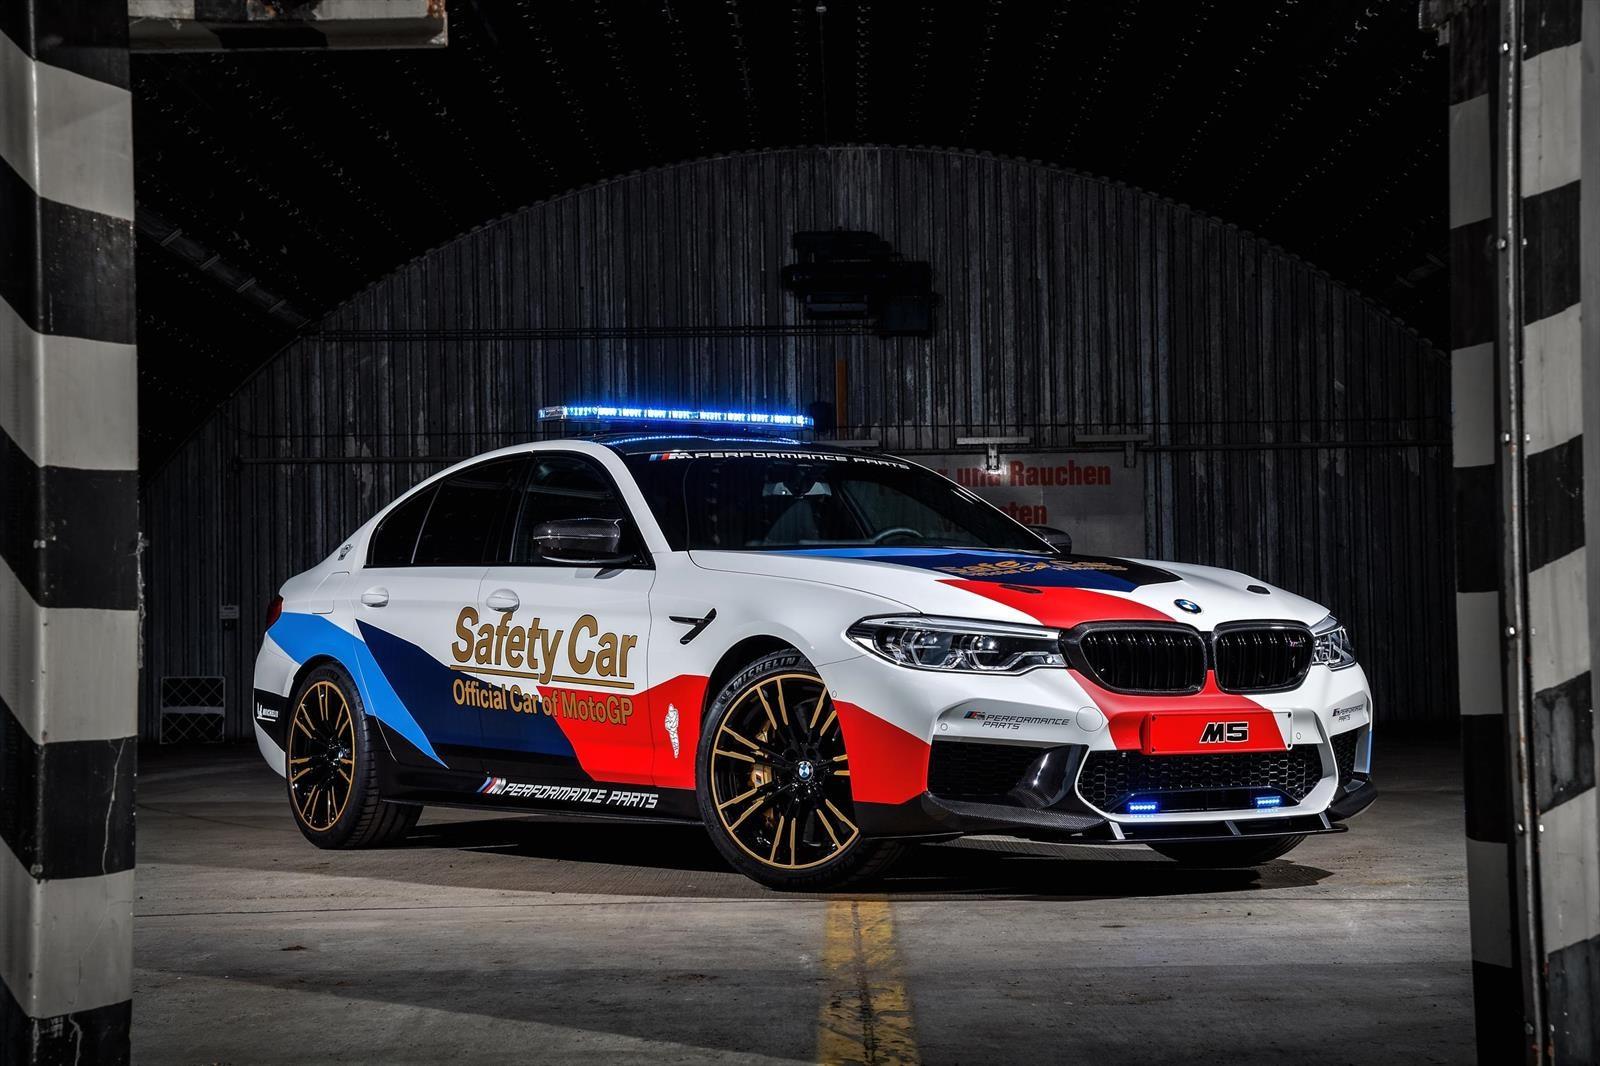 BMW M5 es el auto de seguridad para el MotoGP 2018